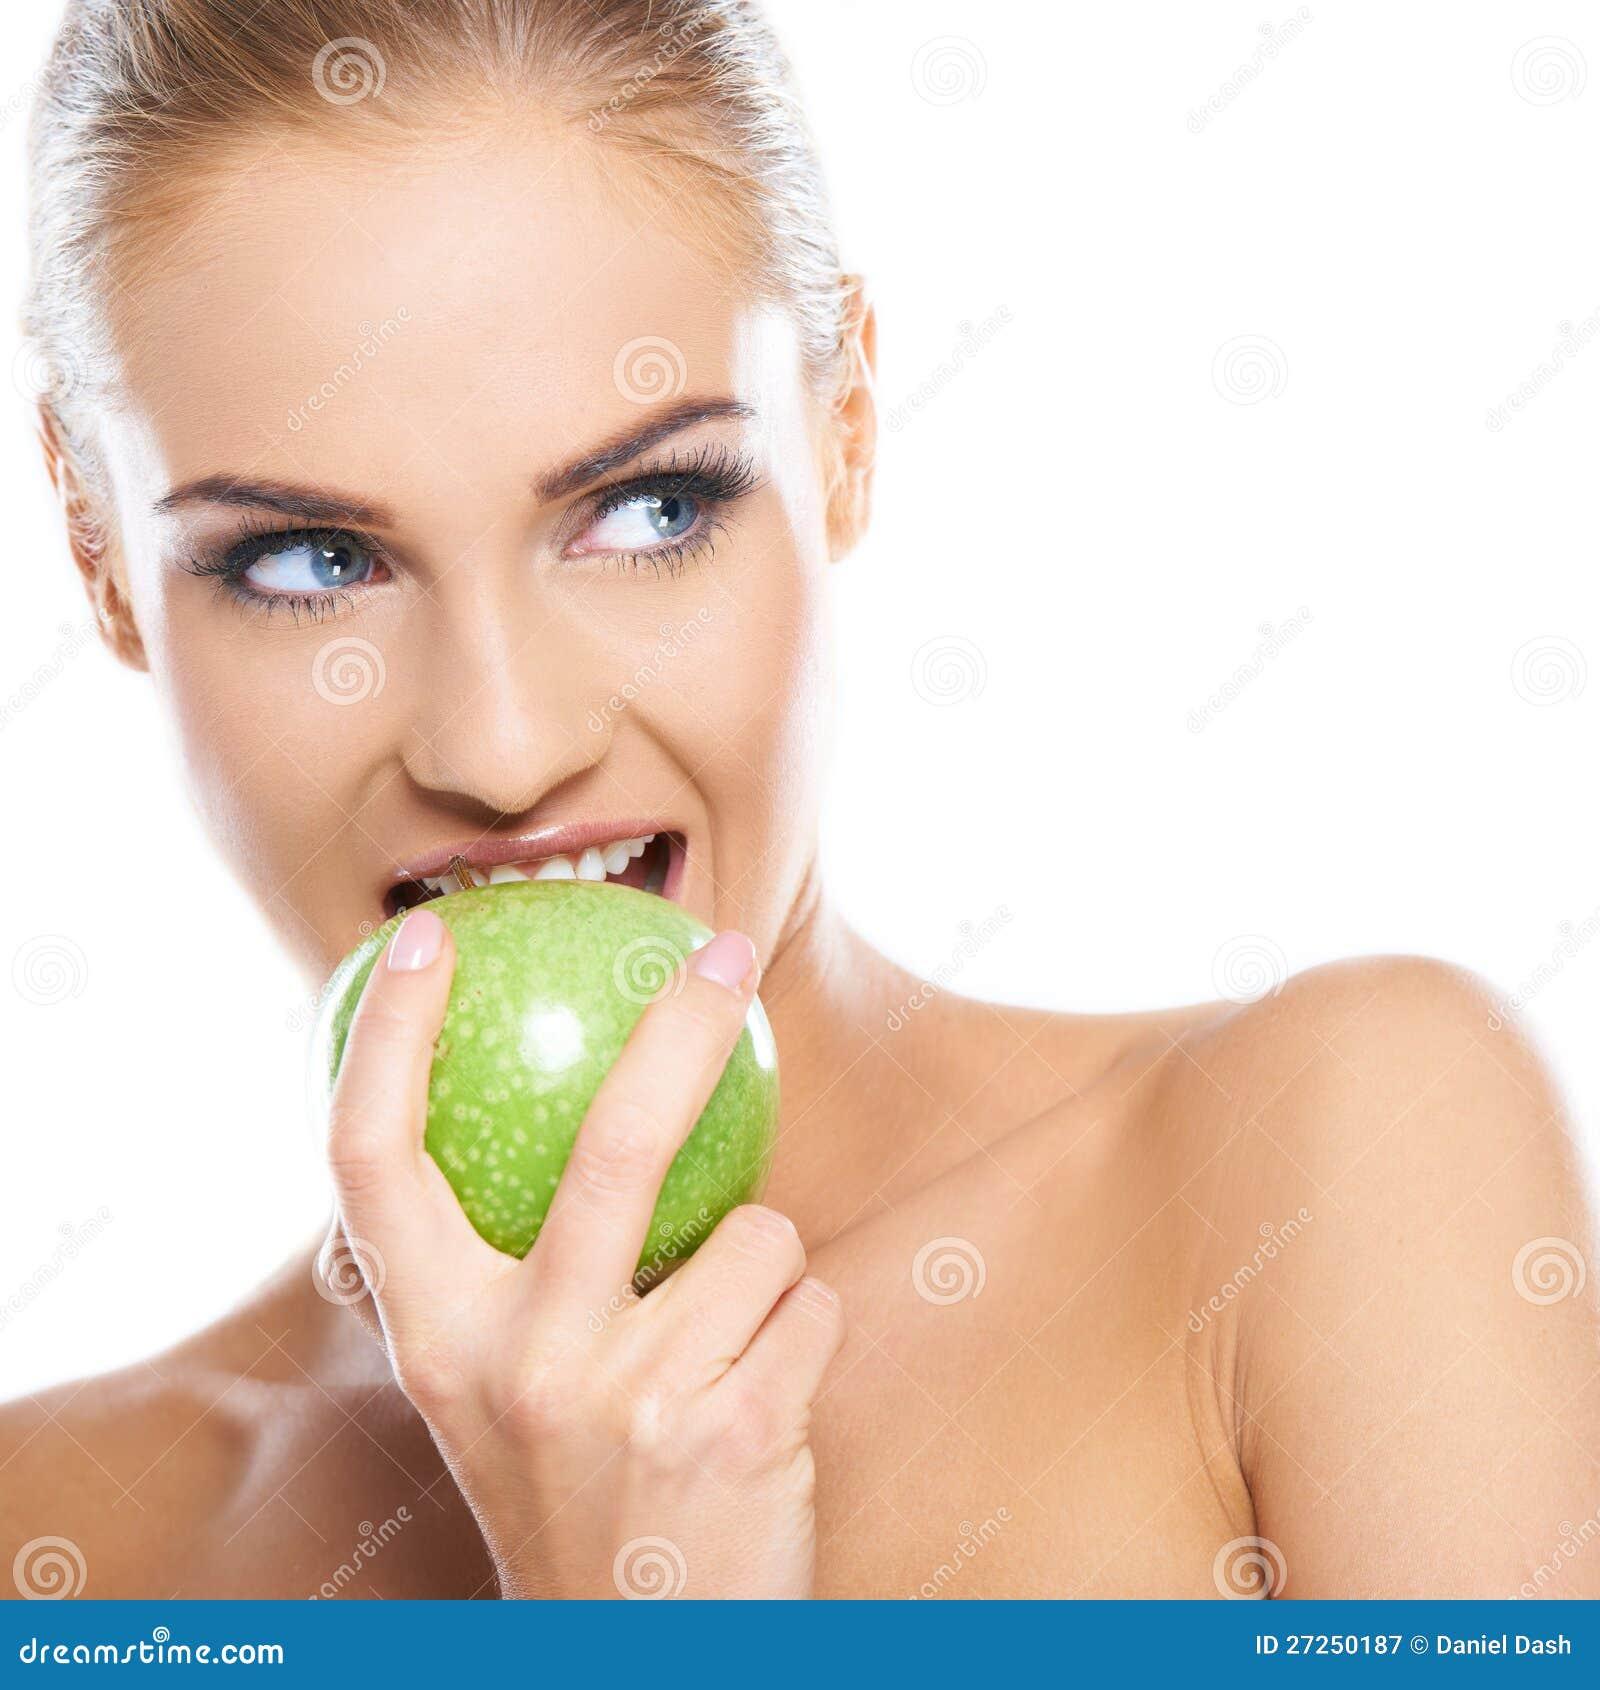 La mujer intenta morder una manzana verde fresca